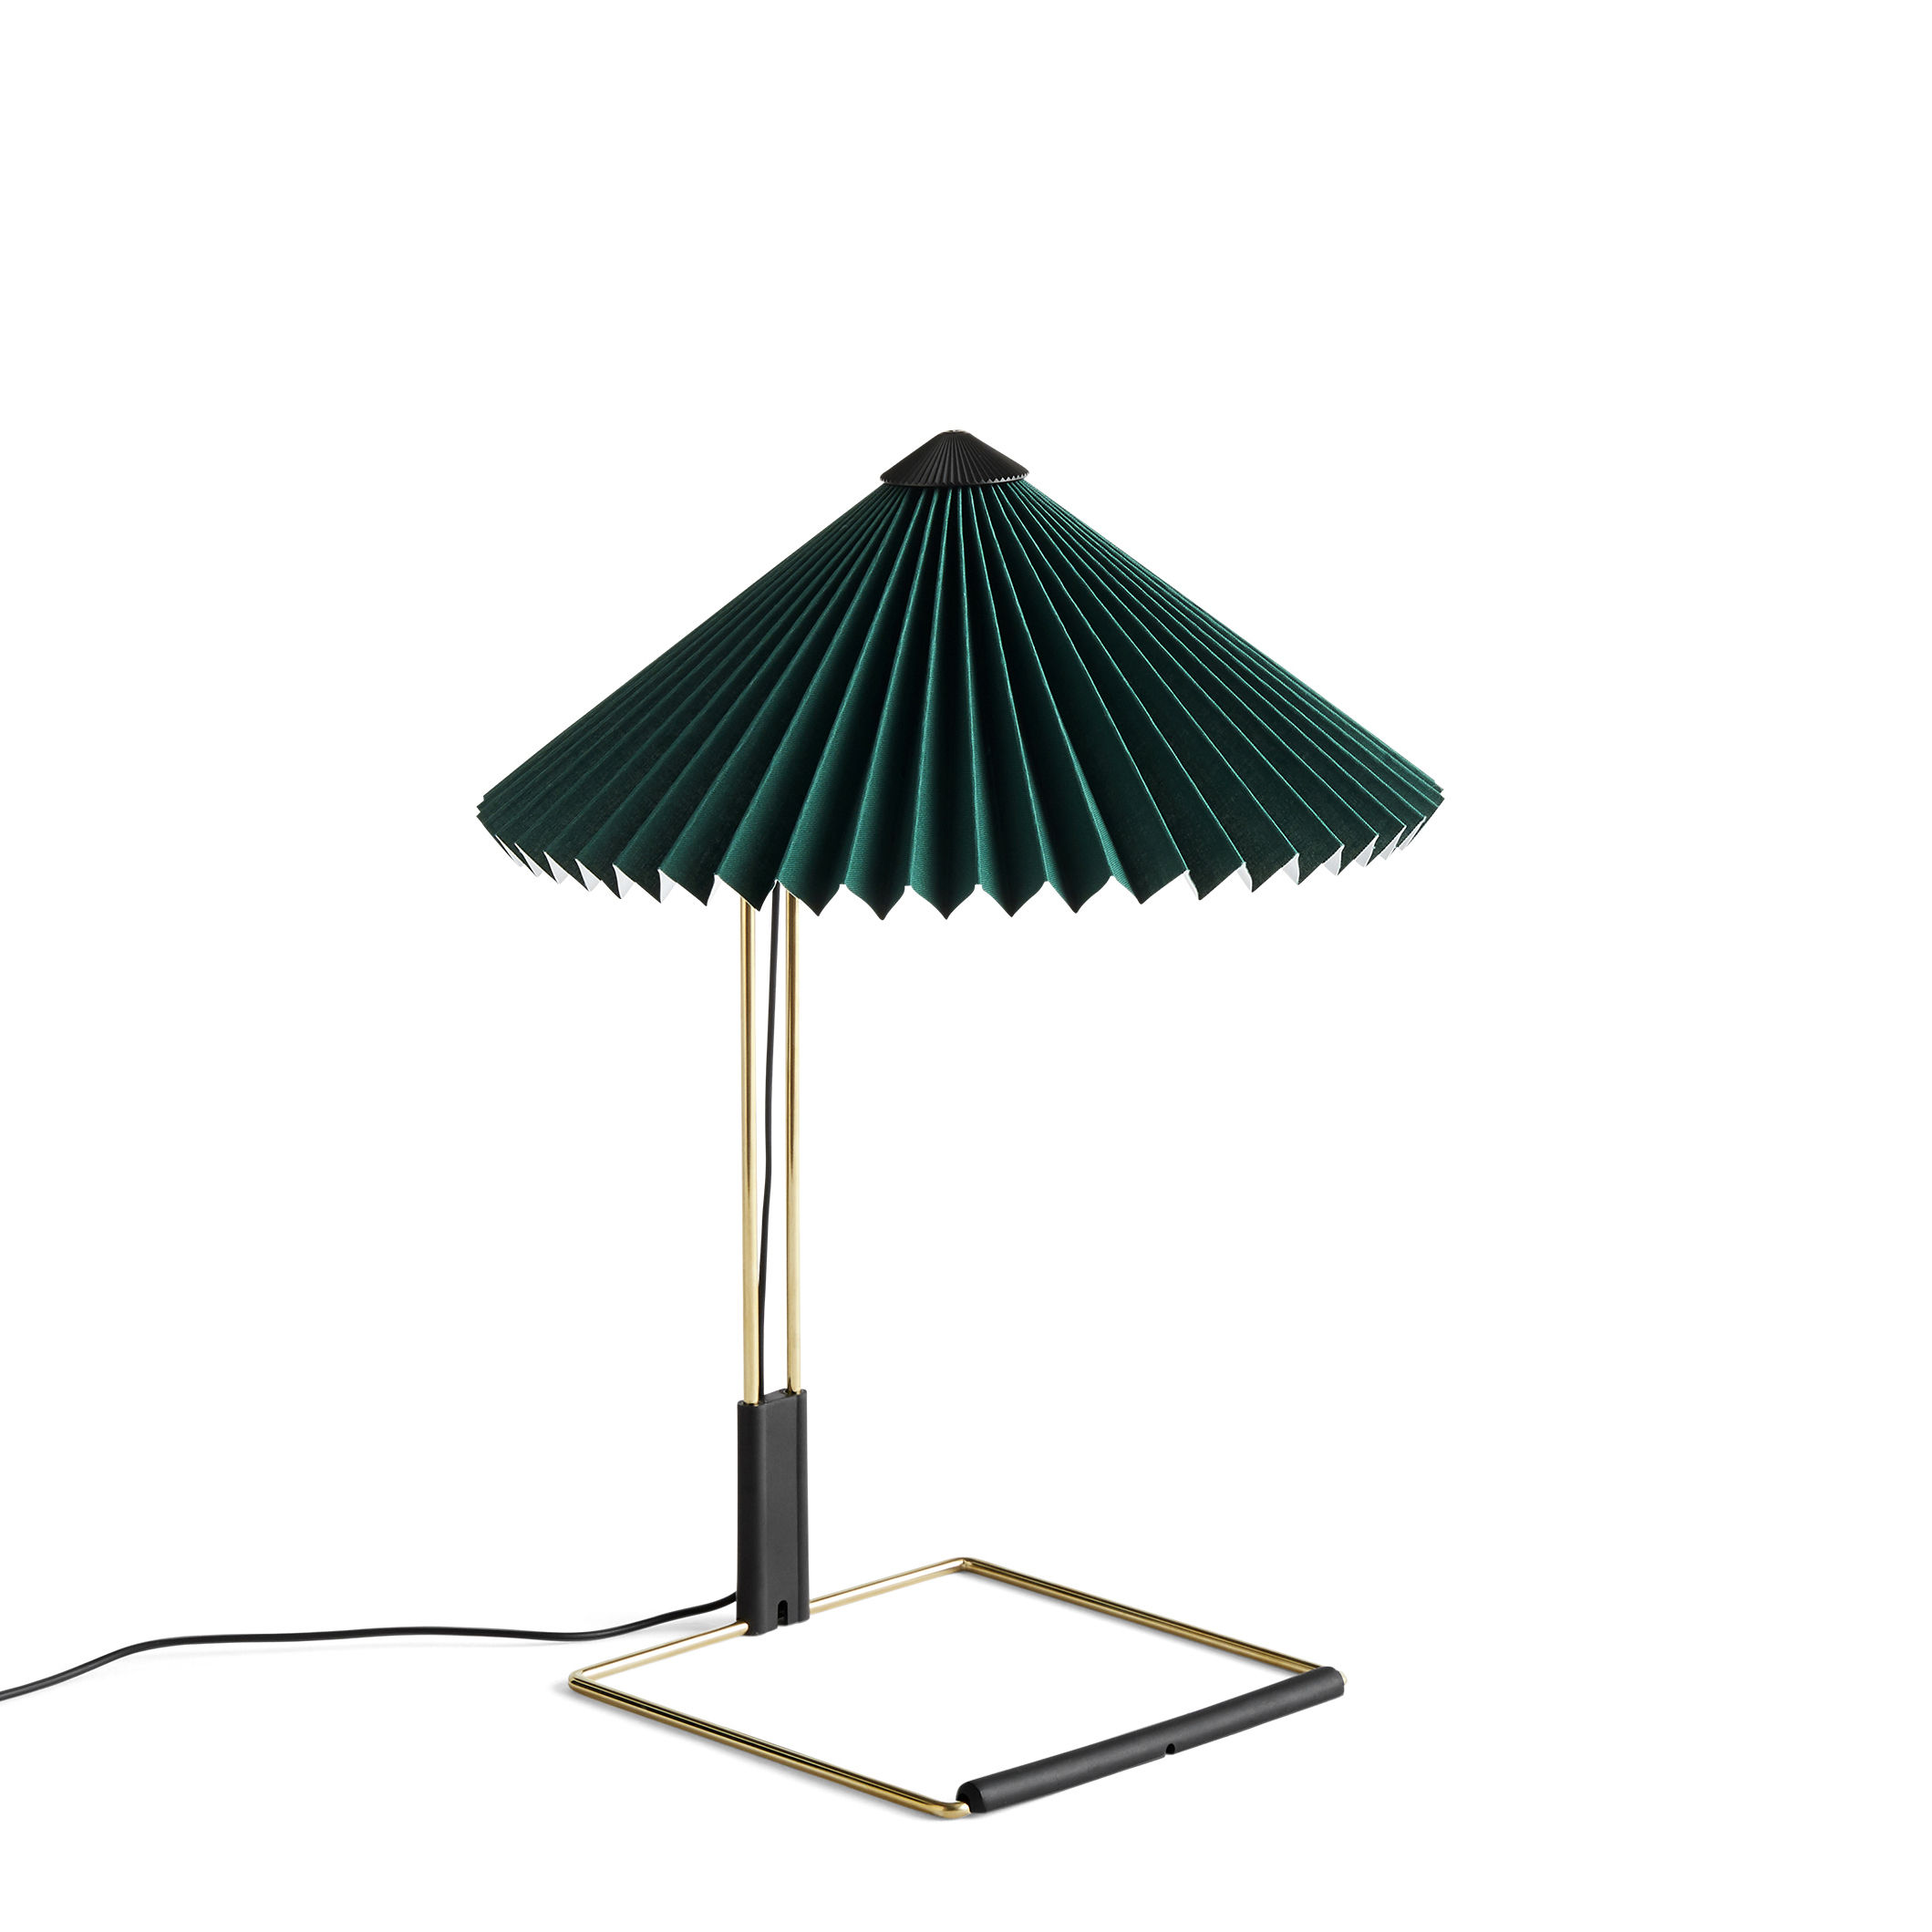 Illuminazione - Lampade da tavolo - Lampada da tavolo Matin Small - / LED - H 38 cm - Tessuto & metallo di Hay - Verde / Ottone lucidato - Acciaio con finitura in ottone, Cotone pieghettato